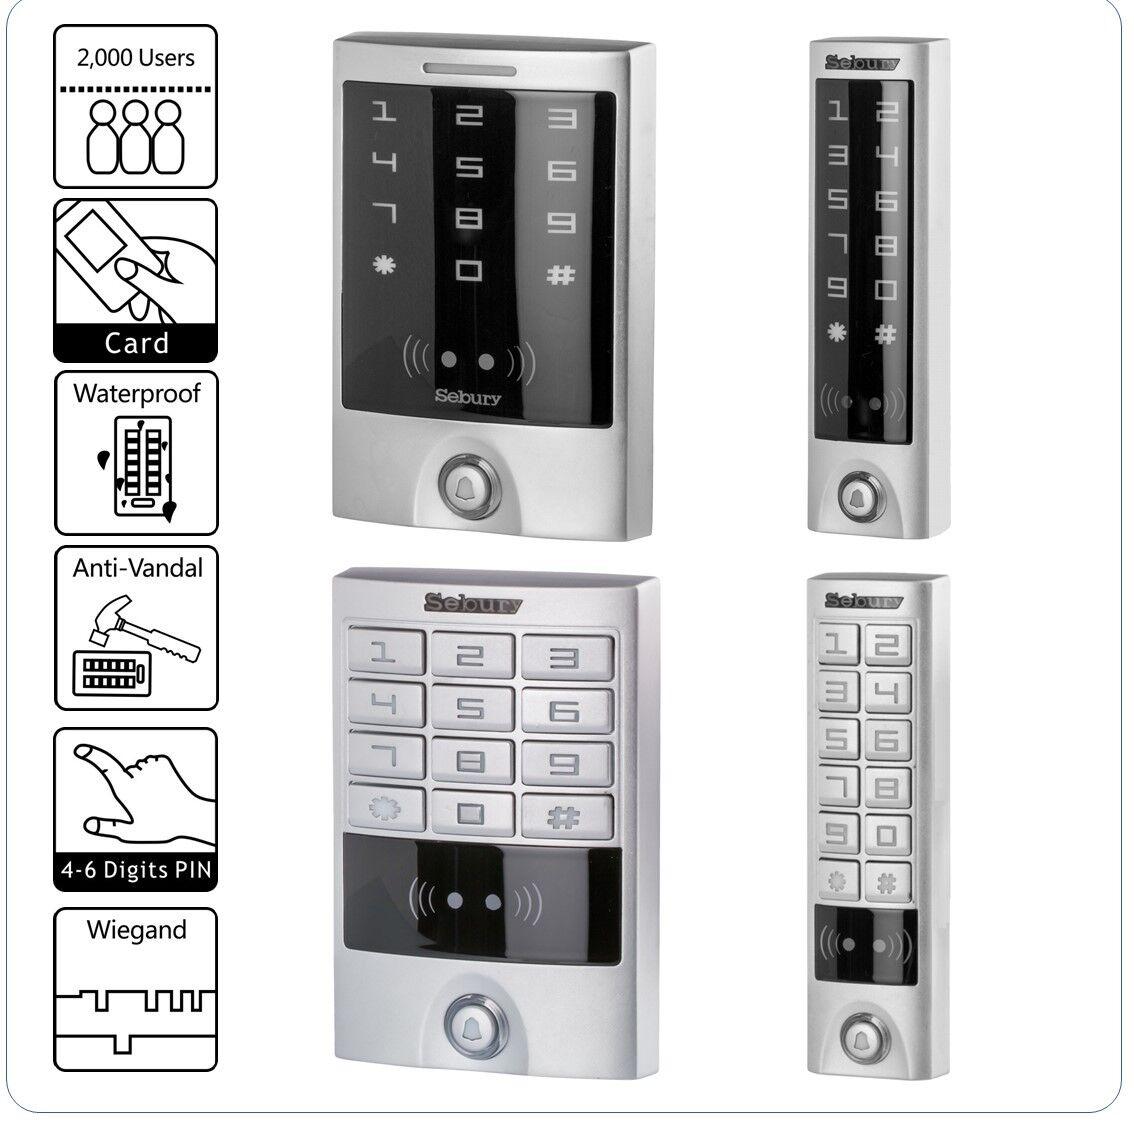 Sehr bewährtes Codeschloss mit RFID, sTouch- oder sKey-Außengerät von Sebury   Günstige Preise    Ausgezeichnet (in) Qualität    Authentische Garantie    Reichlich Und Pünktliche Lieferung